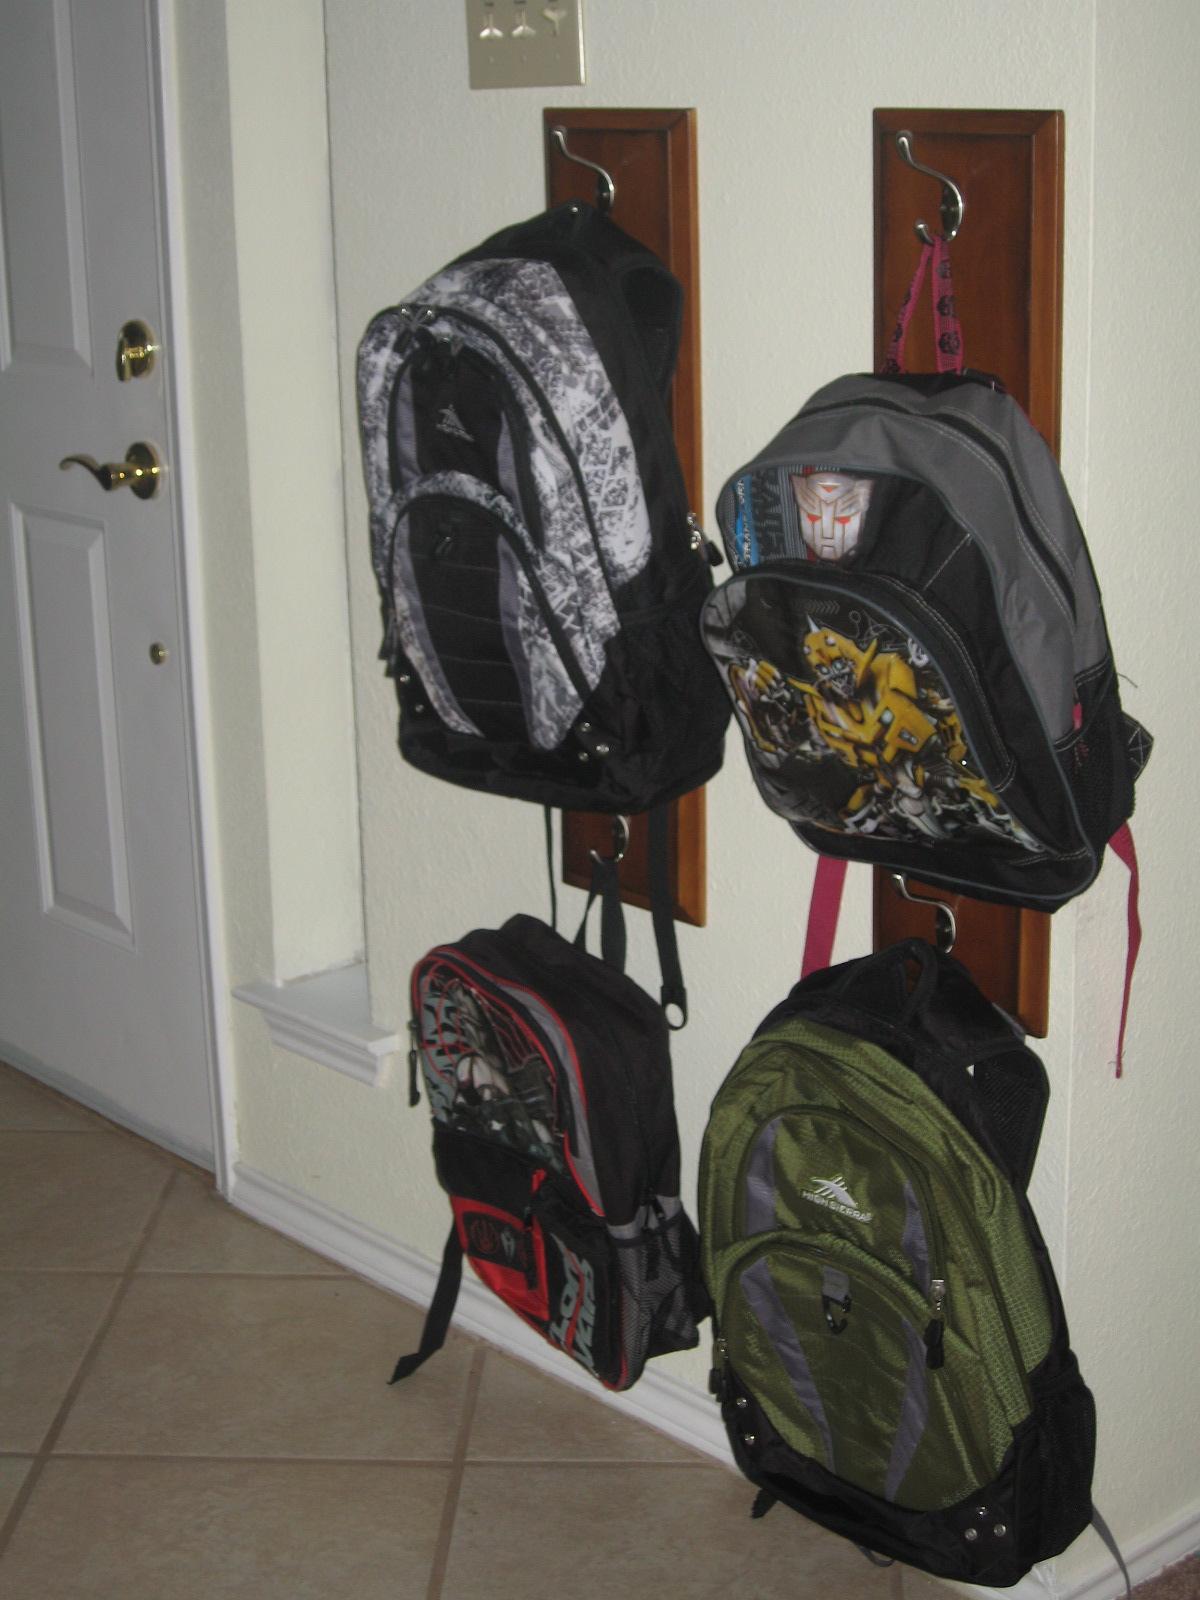 Drawer Front Into Coat Backpack Hanger 11 7